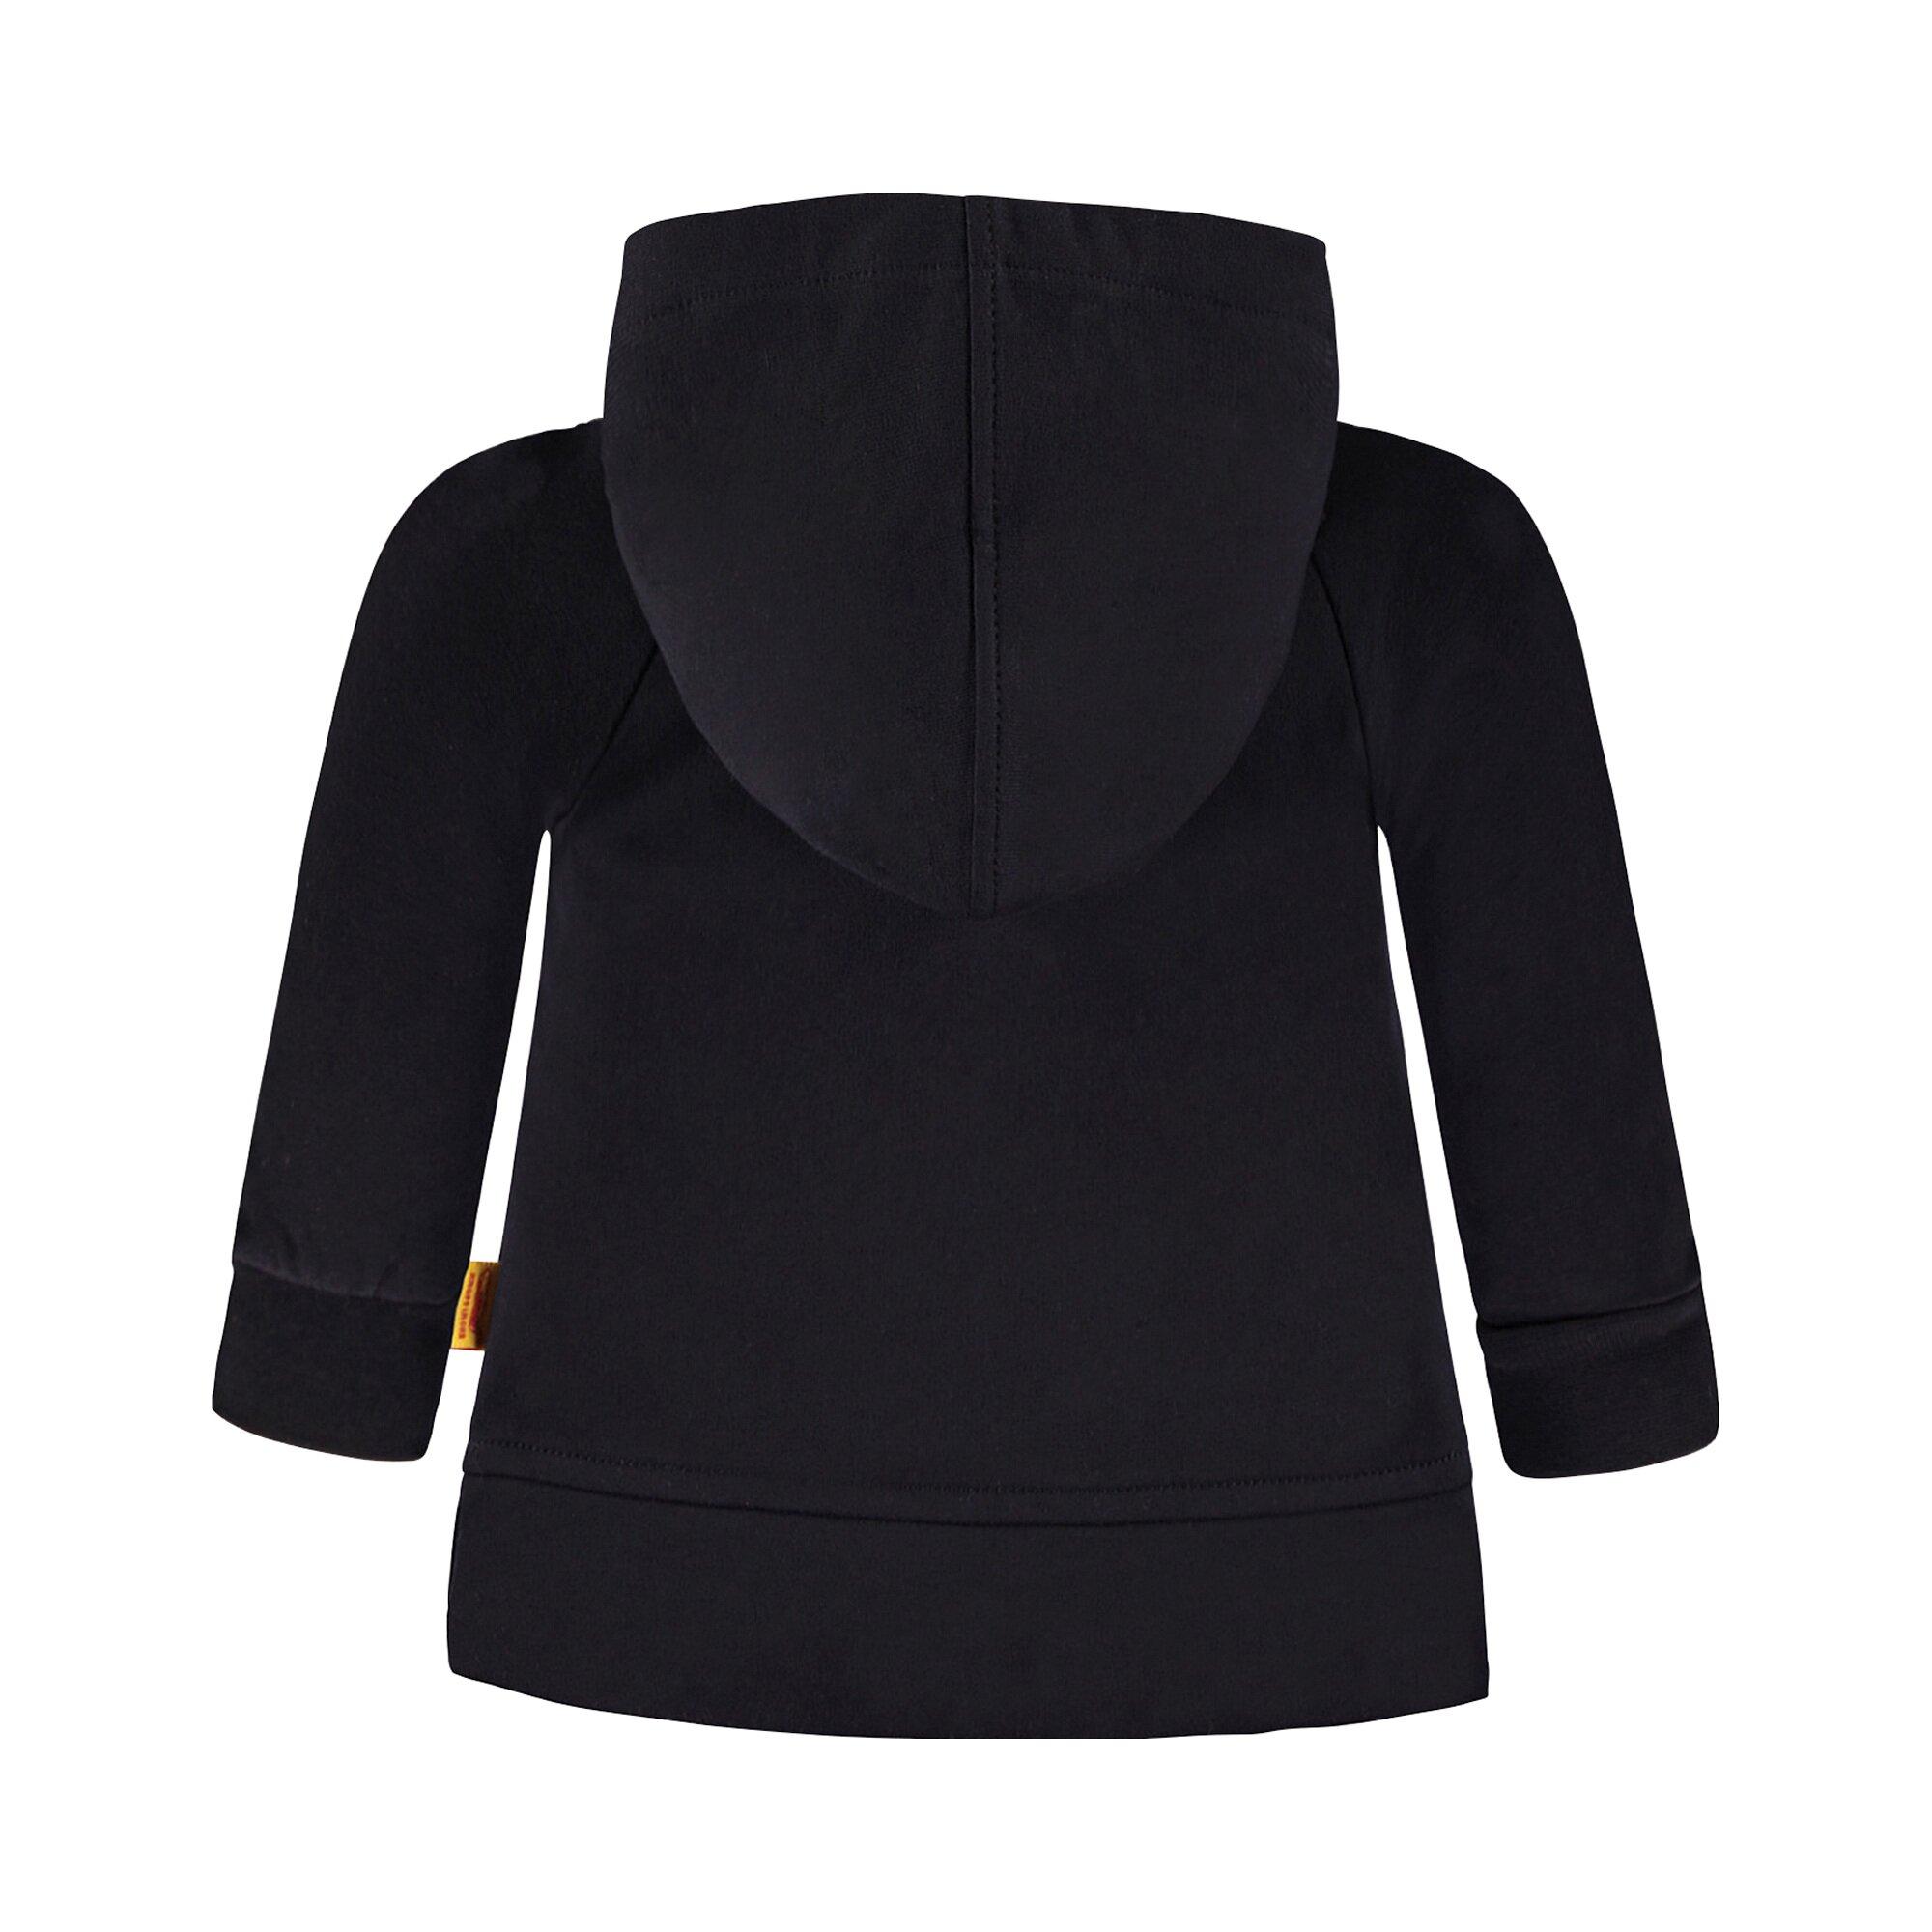 steiff-sweatshirt-mit-kapuze-bar-artikel-noch-nicht-freigeben-erst-ende-juni